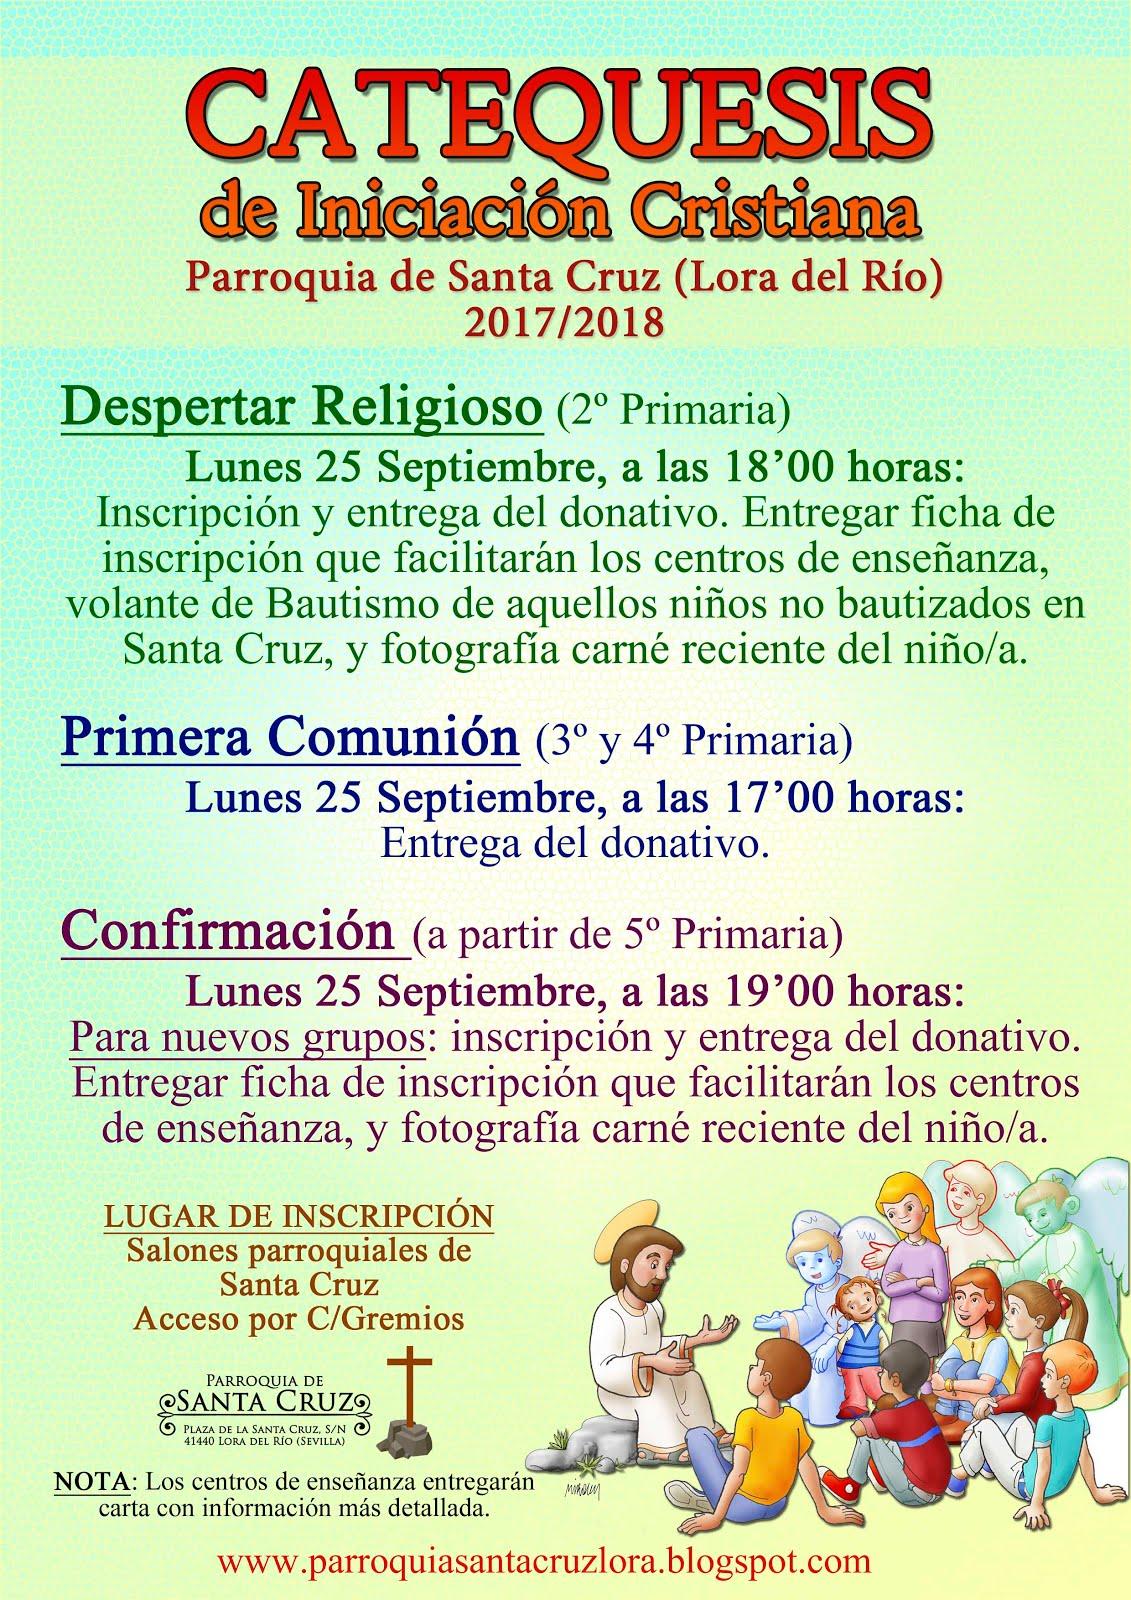 INSCRIPCIONES PARA CATEQUESIS DE NIÑOS